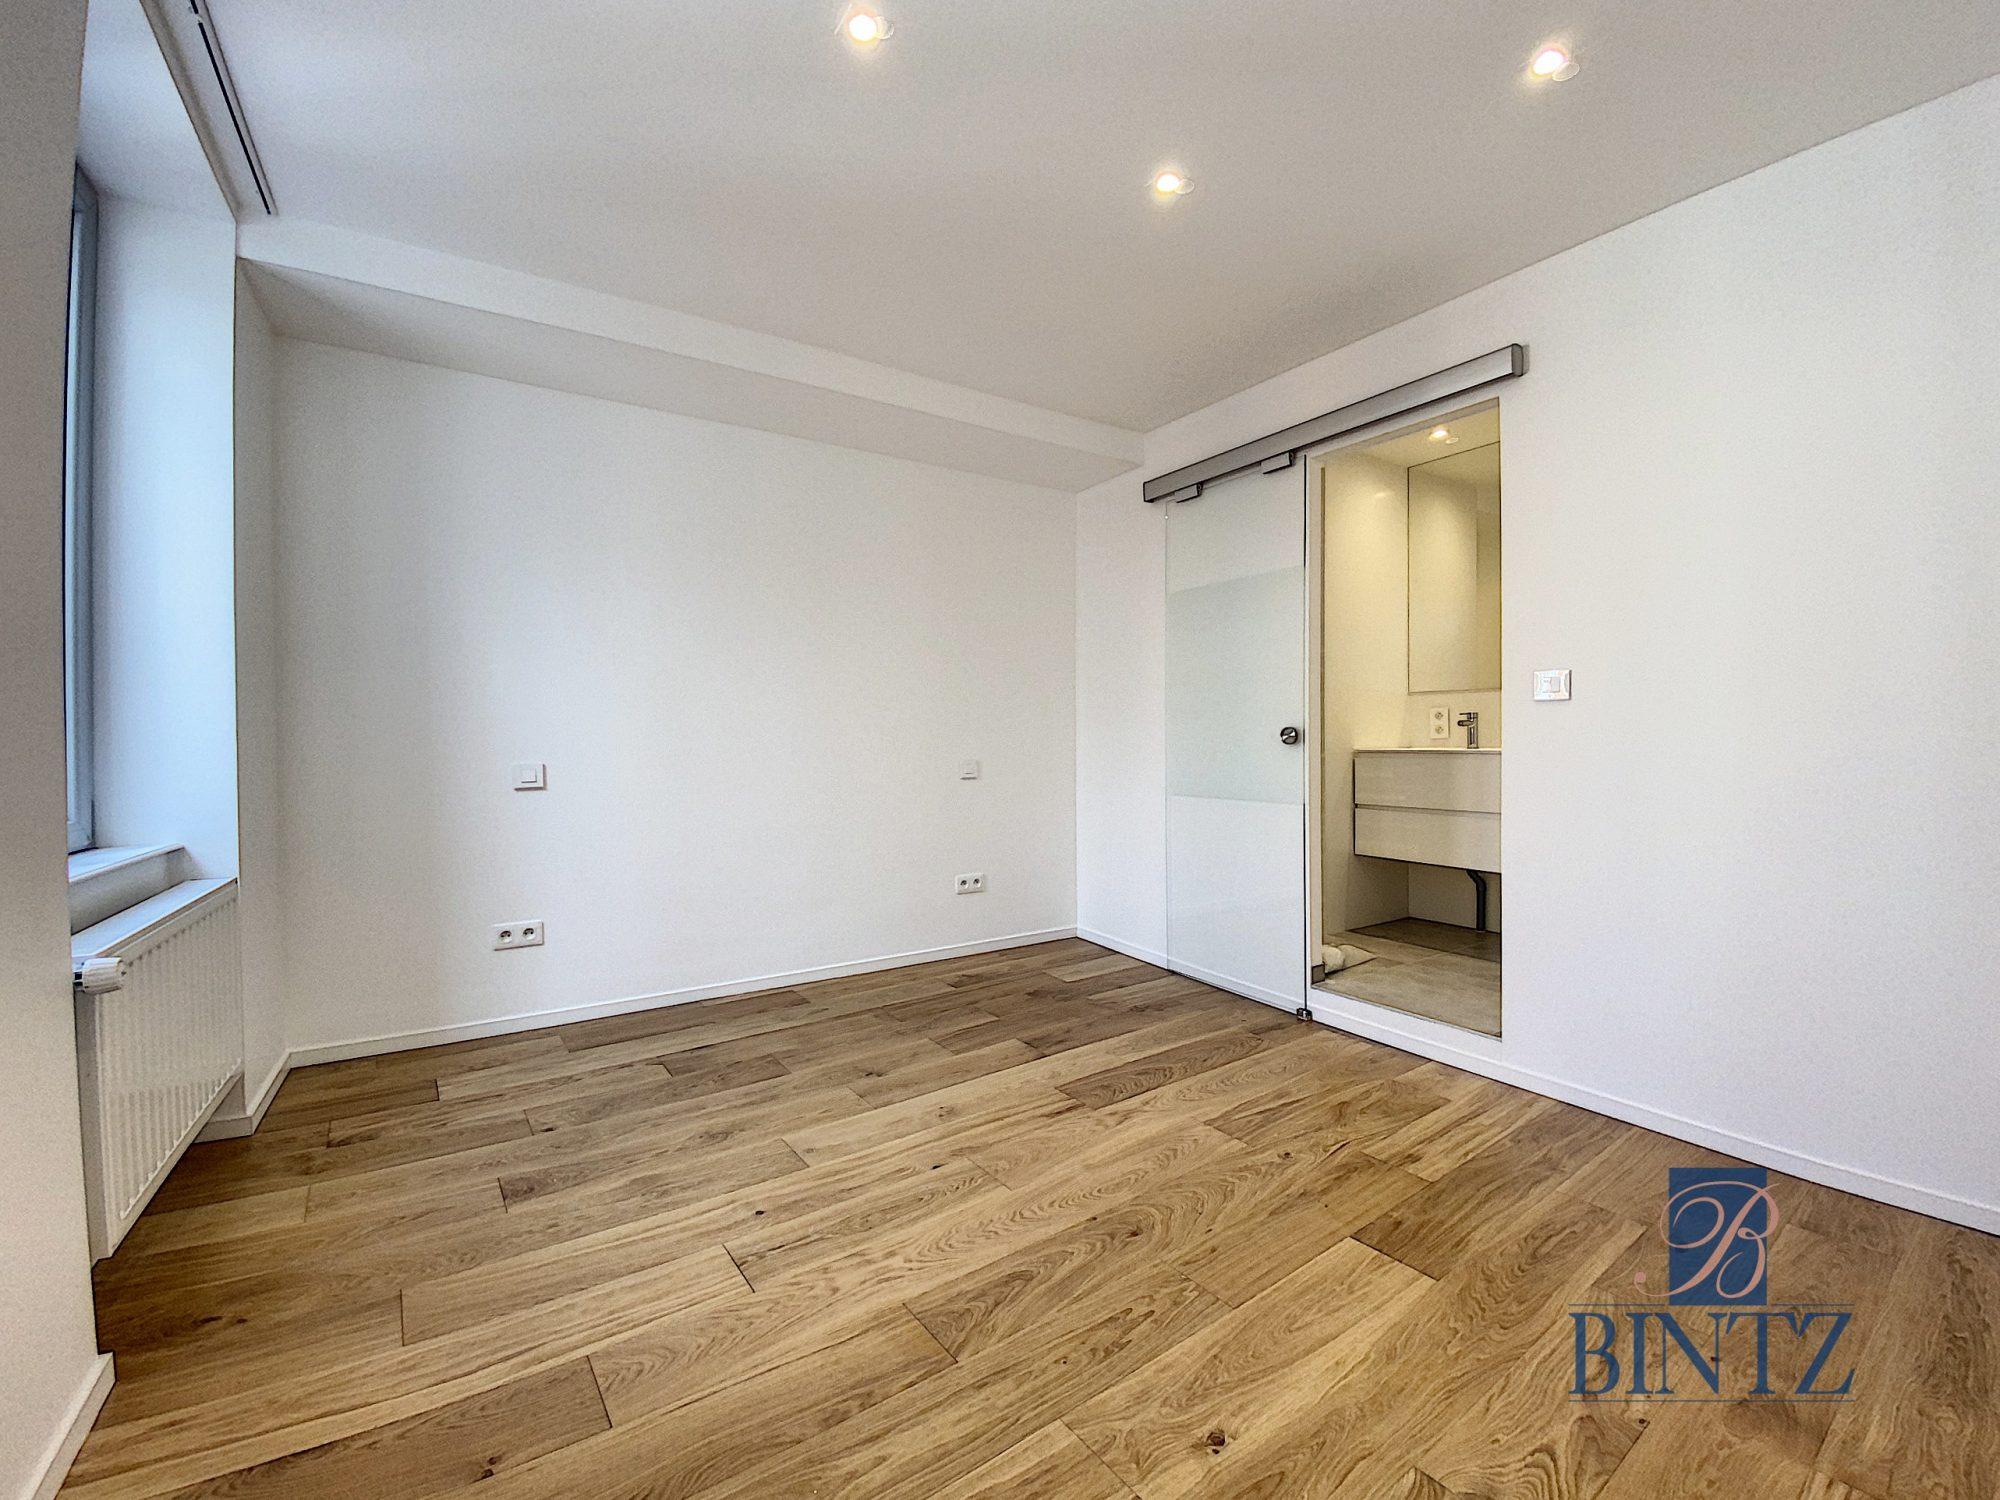 5 pièces d'exception face à la mairie - Devenez locataire en toute sérénité - Bintz Immobilier - 19